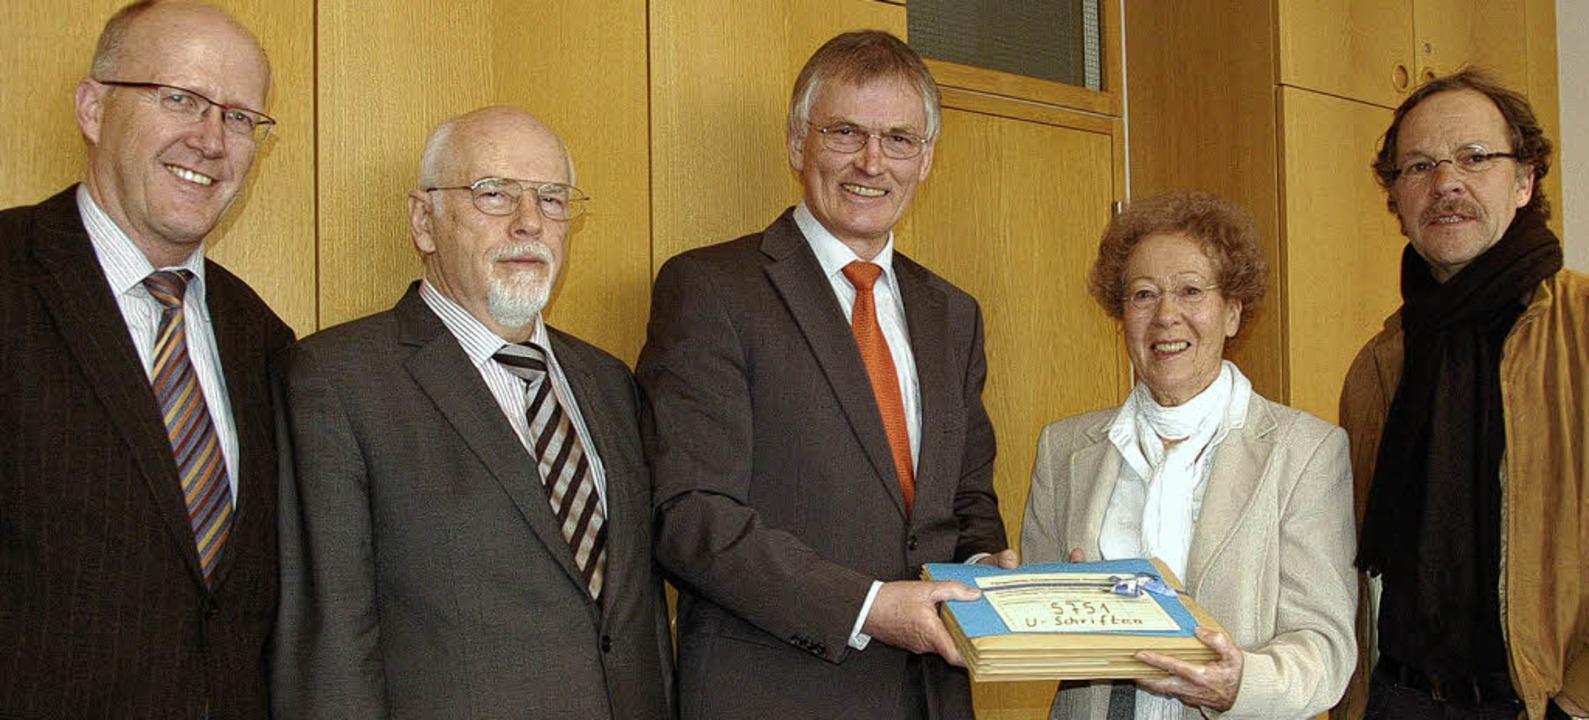 Sprechstunde  mit Unterschriftenüberga... Toni Grabsch und Wilhelm Staufenbiel   | Foto: Ingrid Böhm-Jacob